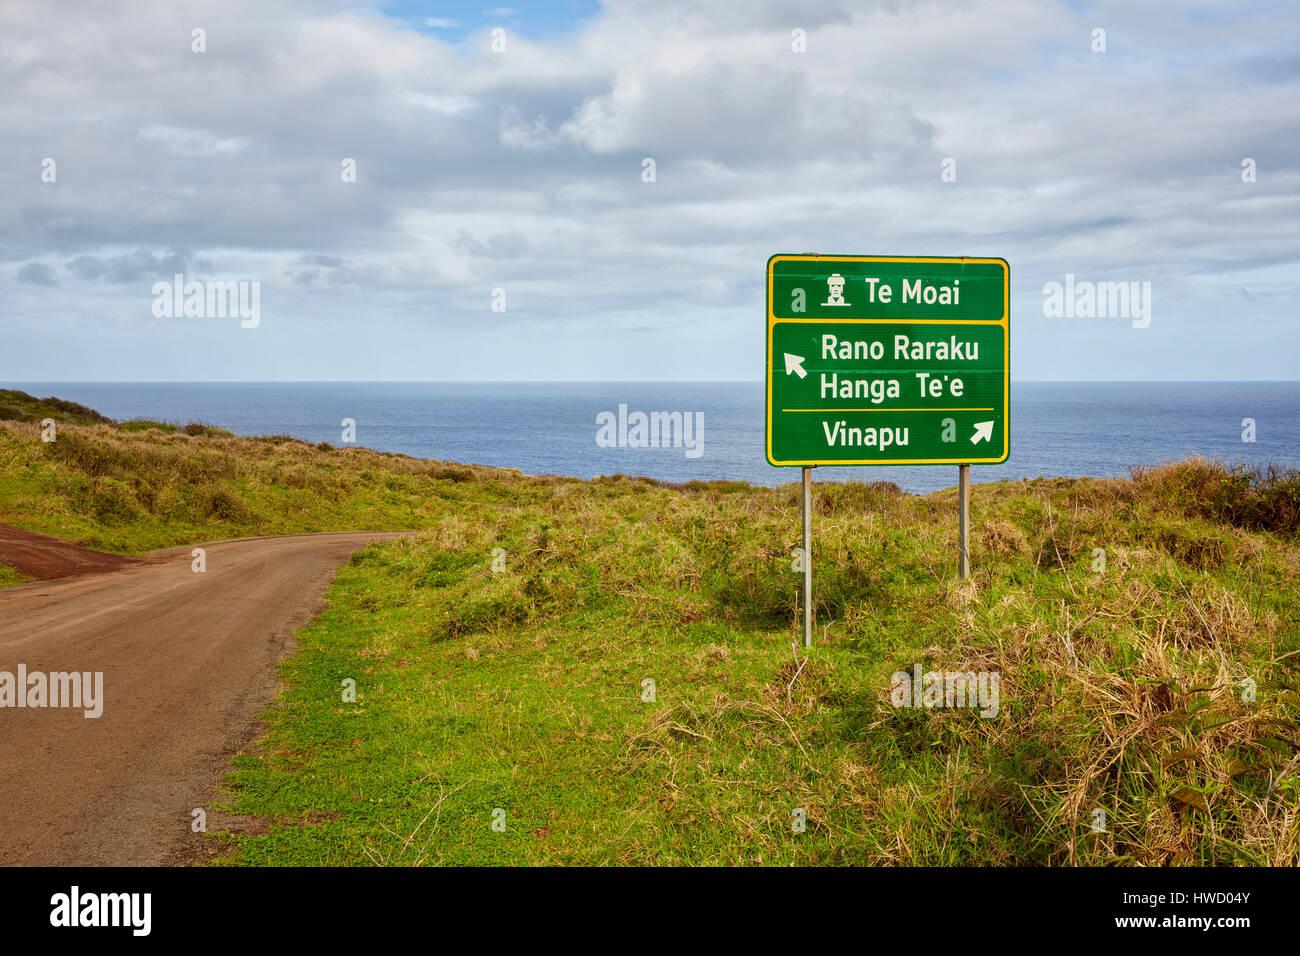 Te Moai, Rano Raraku, Hanga Te'e and Vinapu road sign, Easter Island, Chile - Stock Image